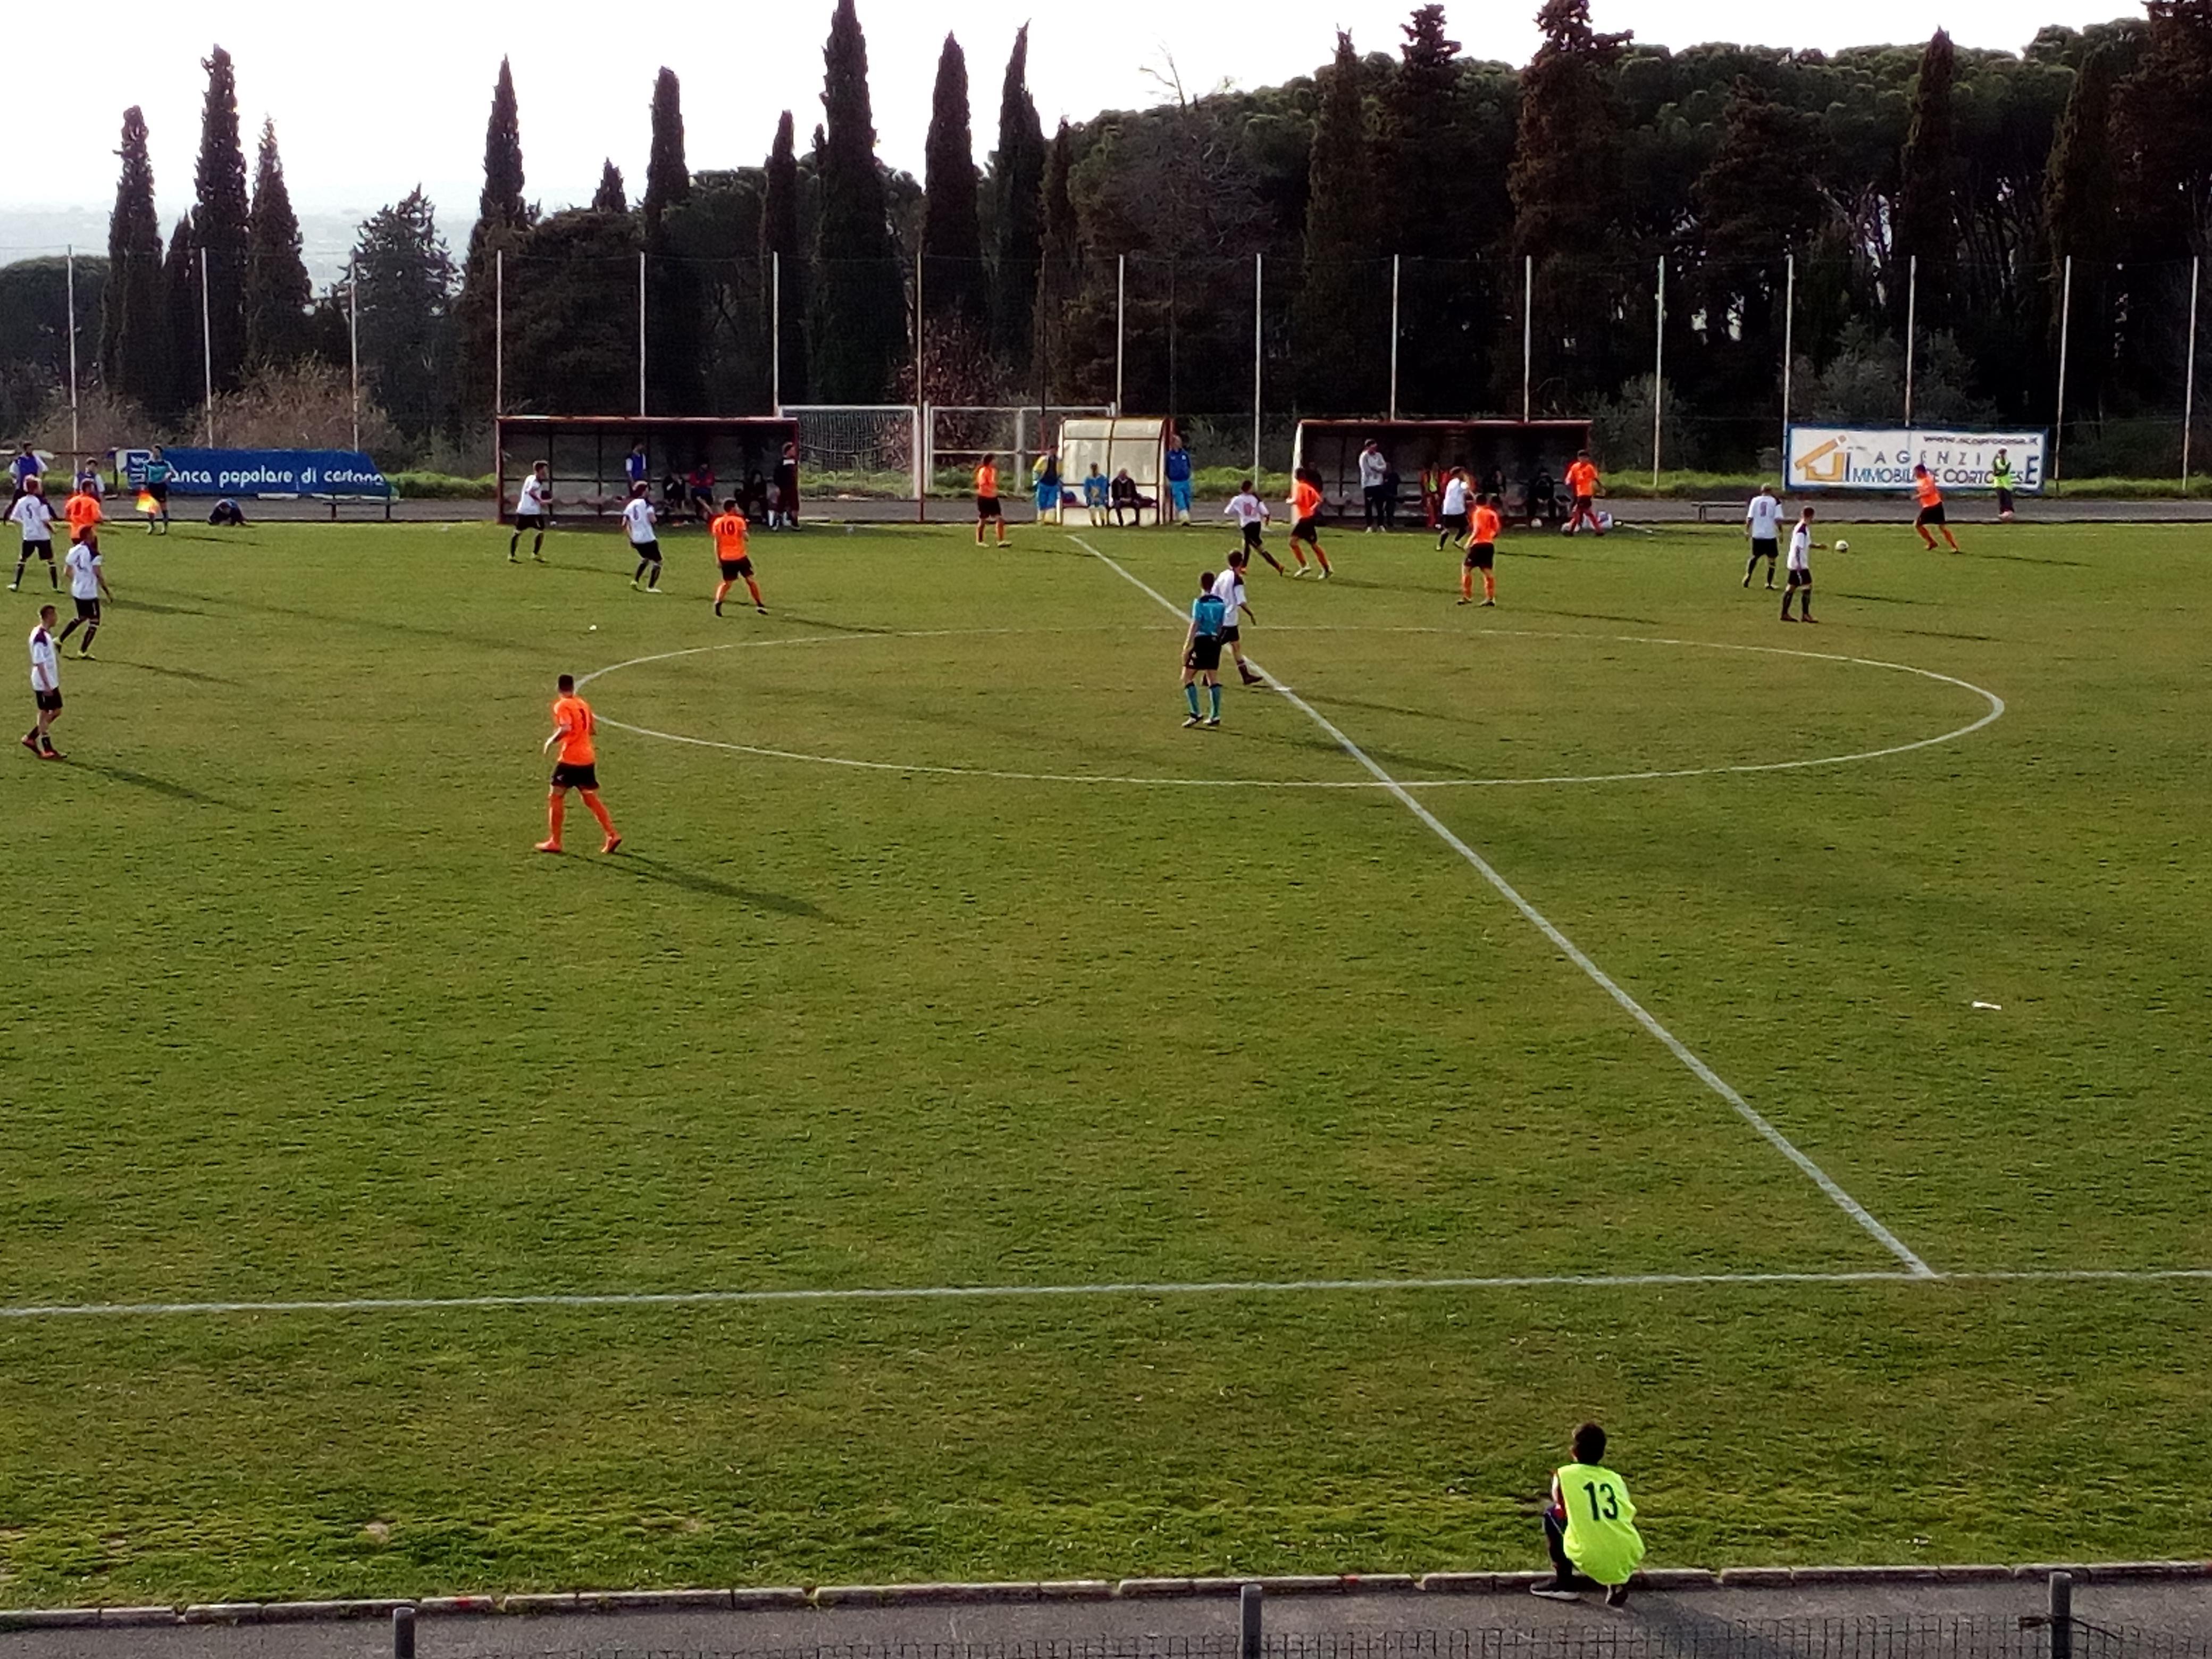 Cronache arancioni (14). Cortona - Castelnuovese 1 - 2, ma ci potrebbero essere sorprese